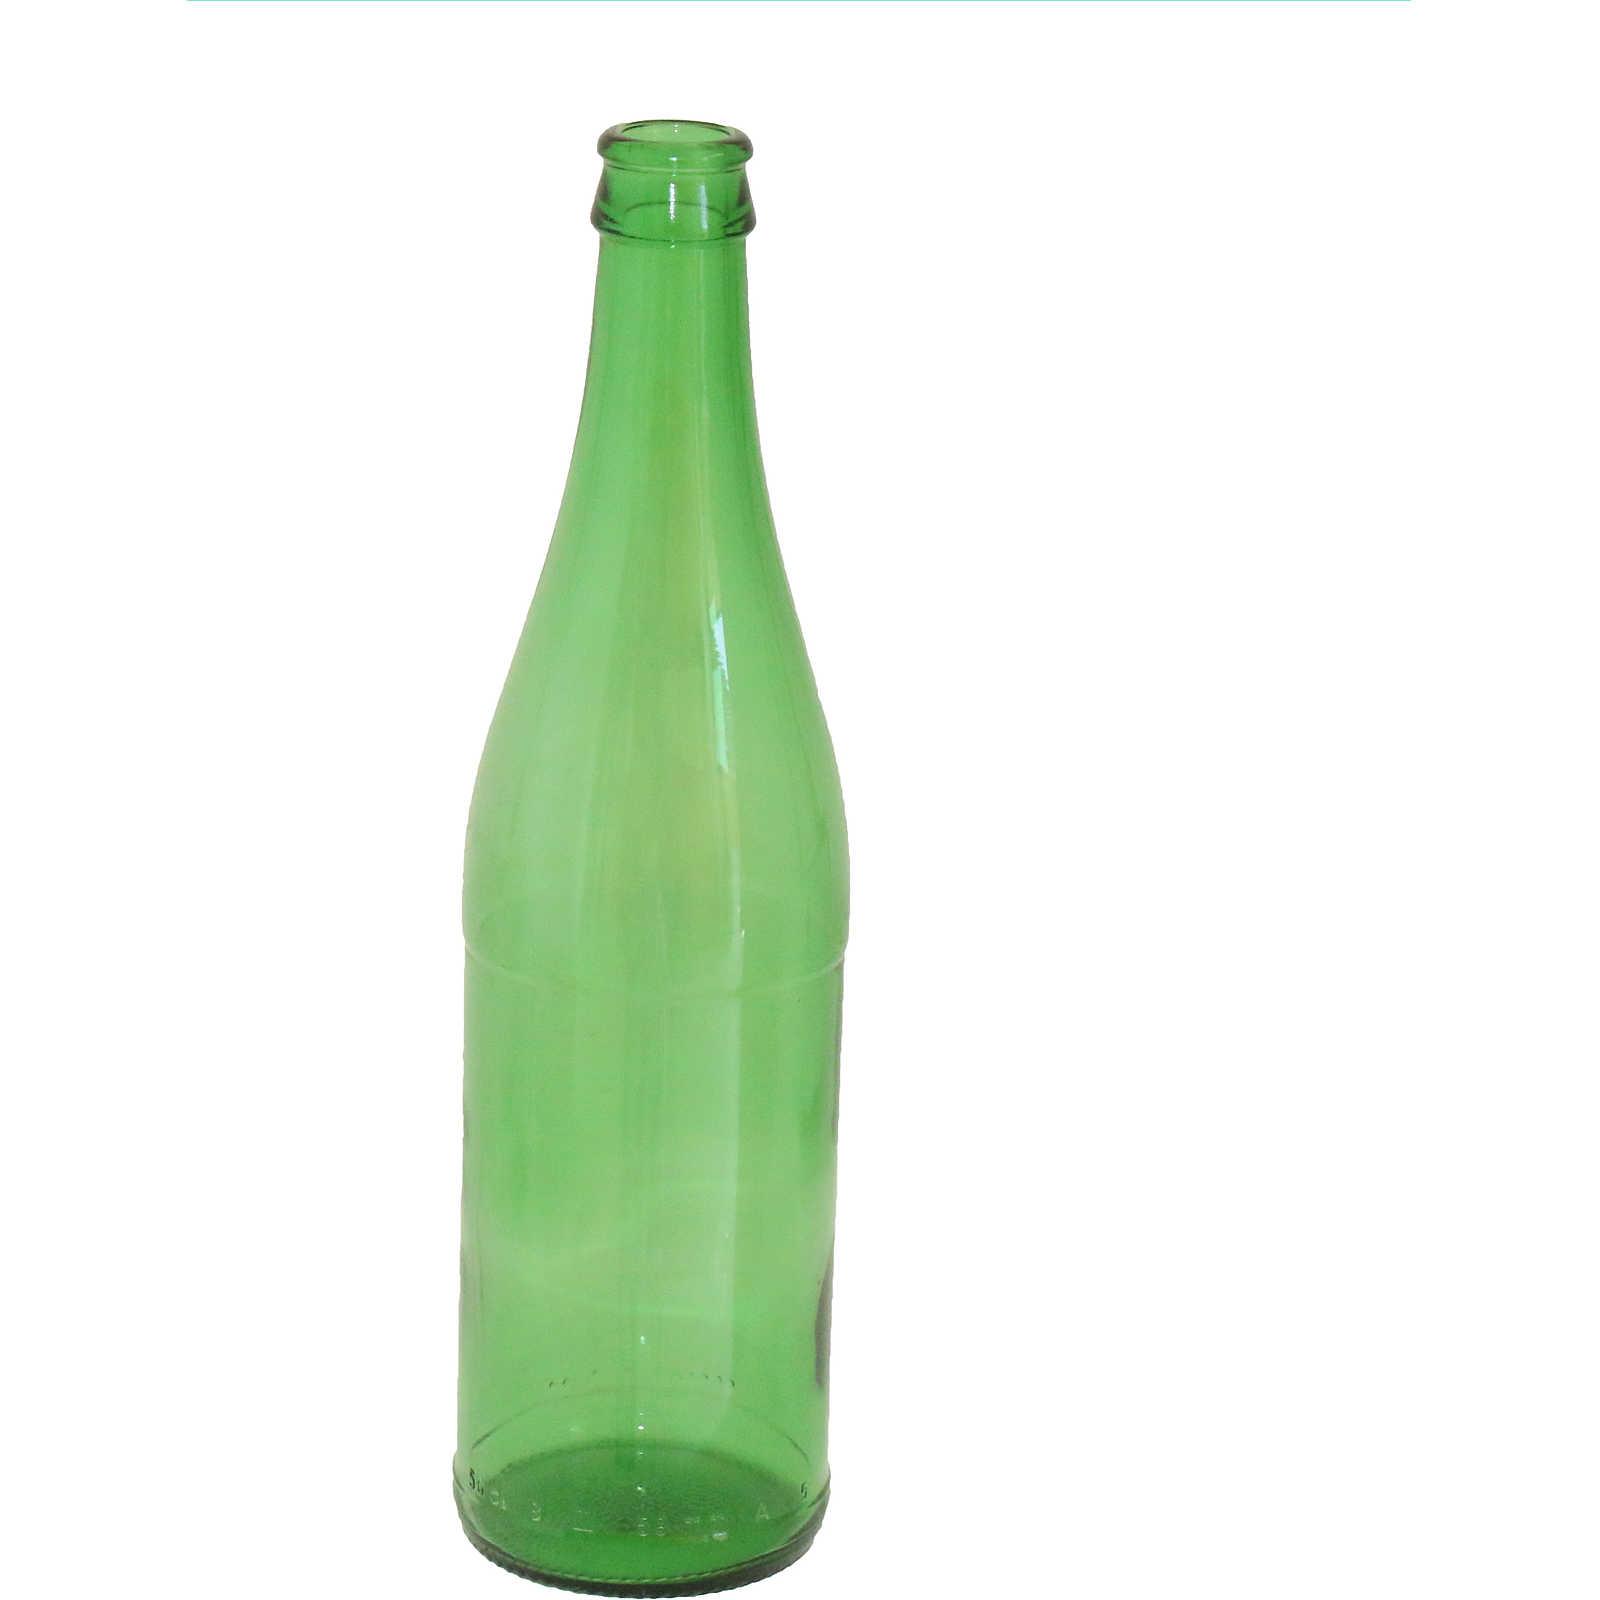 mineralwasser flasche 1 l st 20 lebensmittel polsinelli enologia. Black Bedroom Furniture Sets. Home Design Ideas